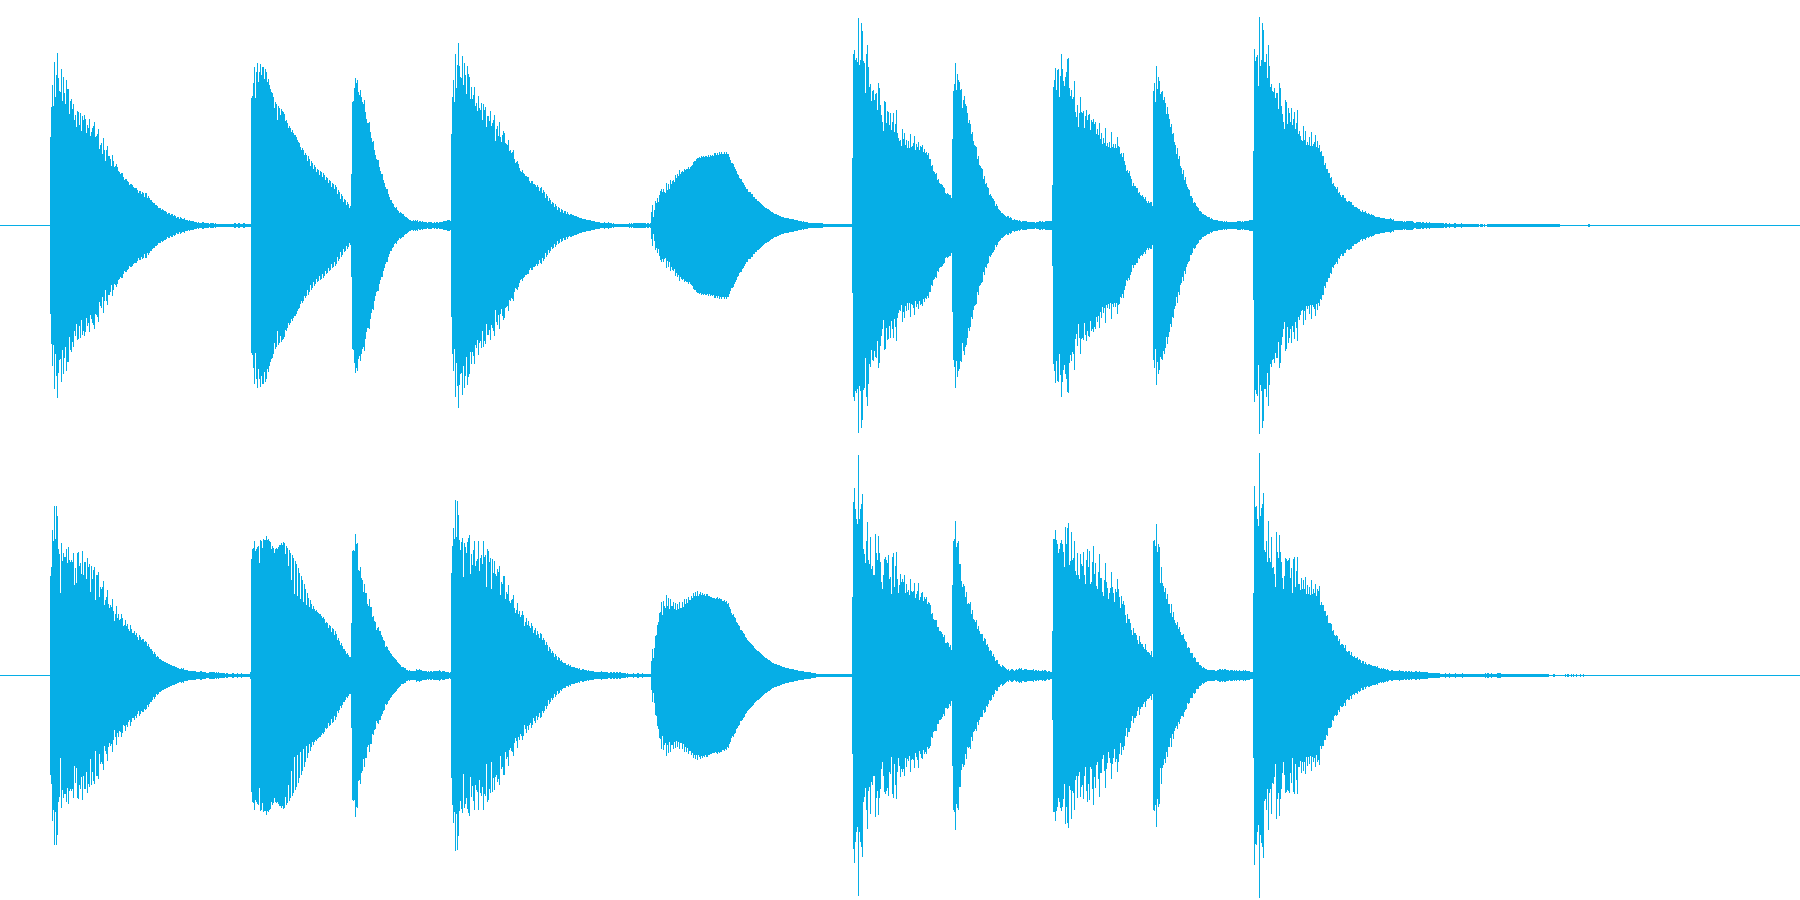 日本の呼びかけ風なジングルの再生済みの波形